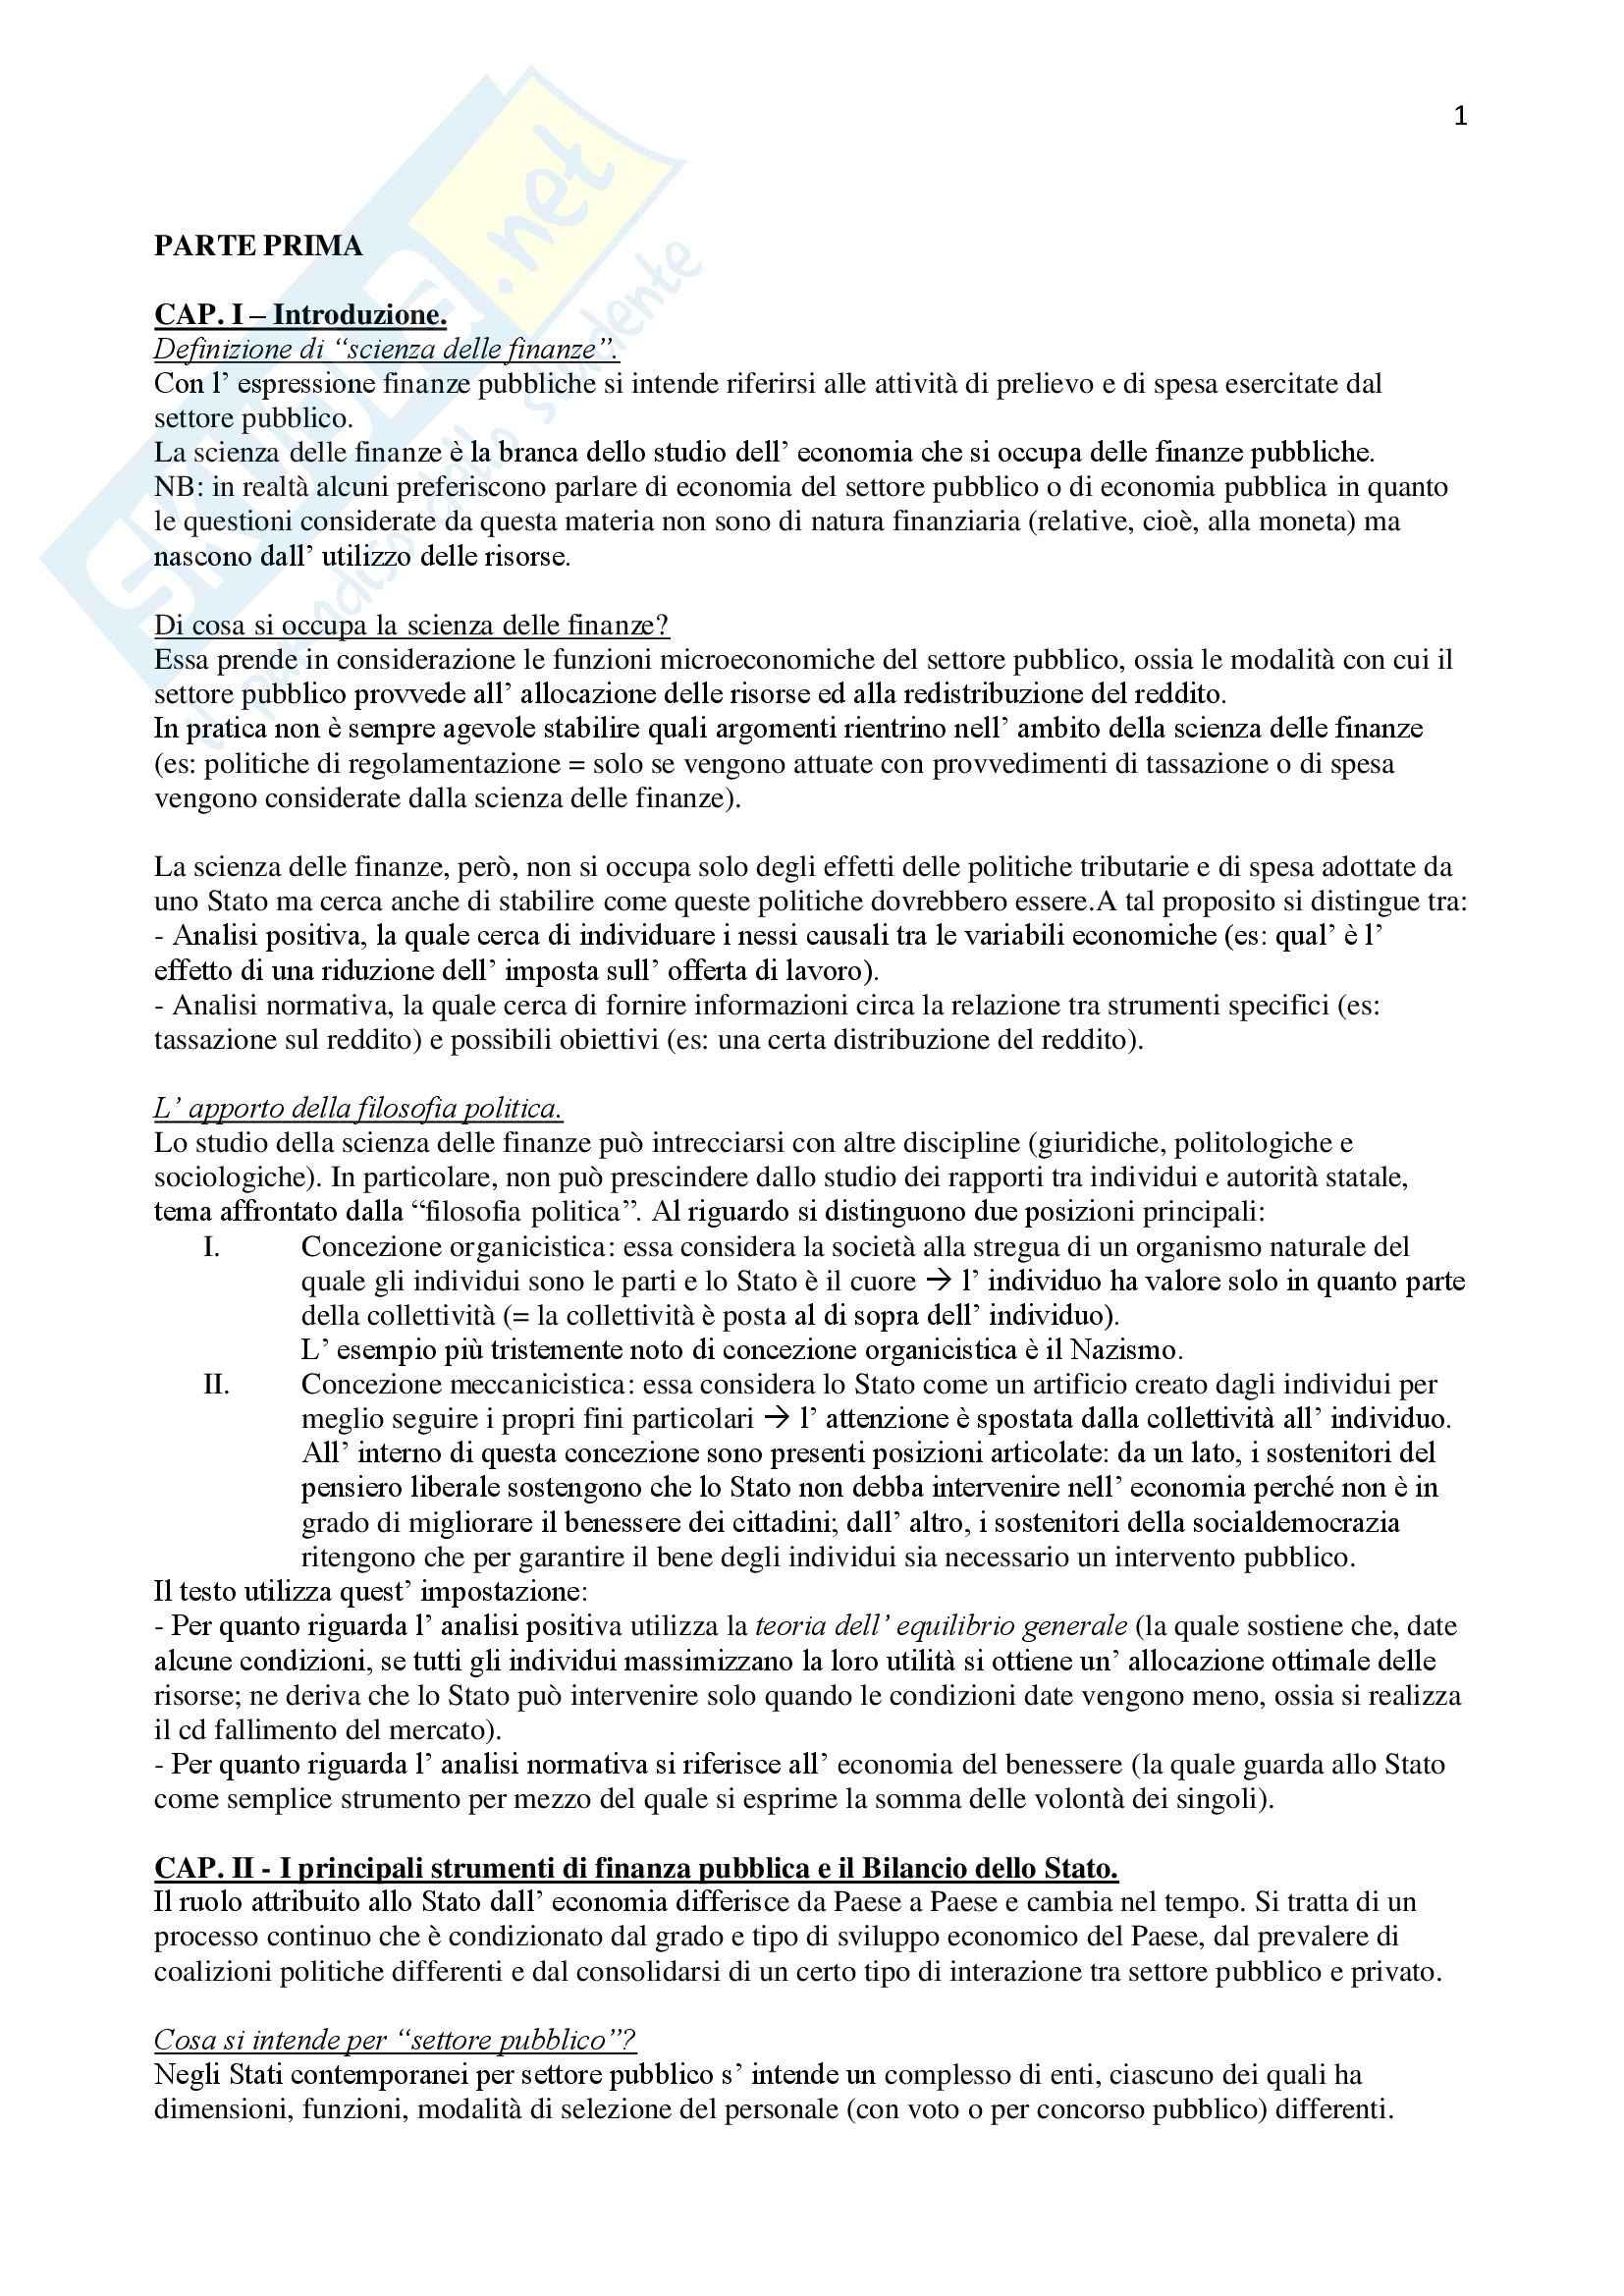 Riassunto esame Finanze, prof. Commendatore, libro consigliato Scienza delle finanze,Rosen, Gayer